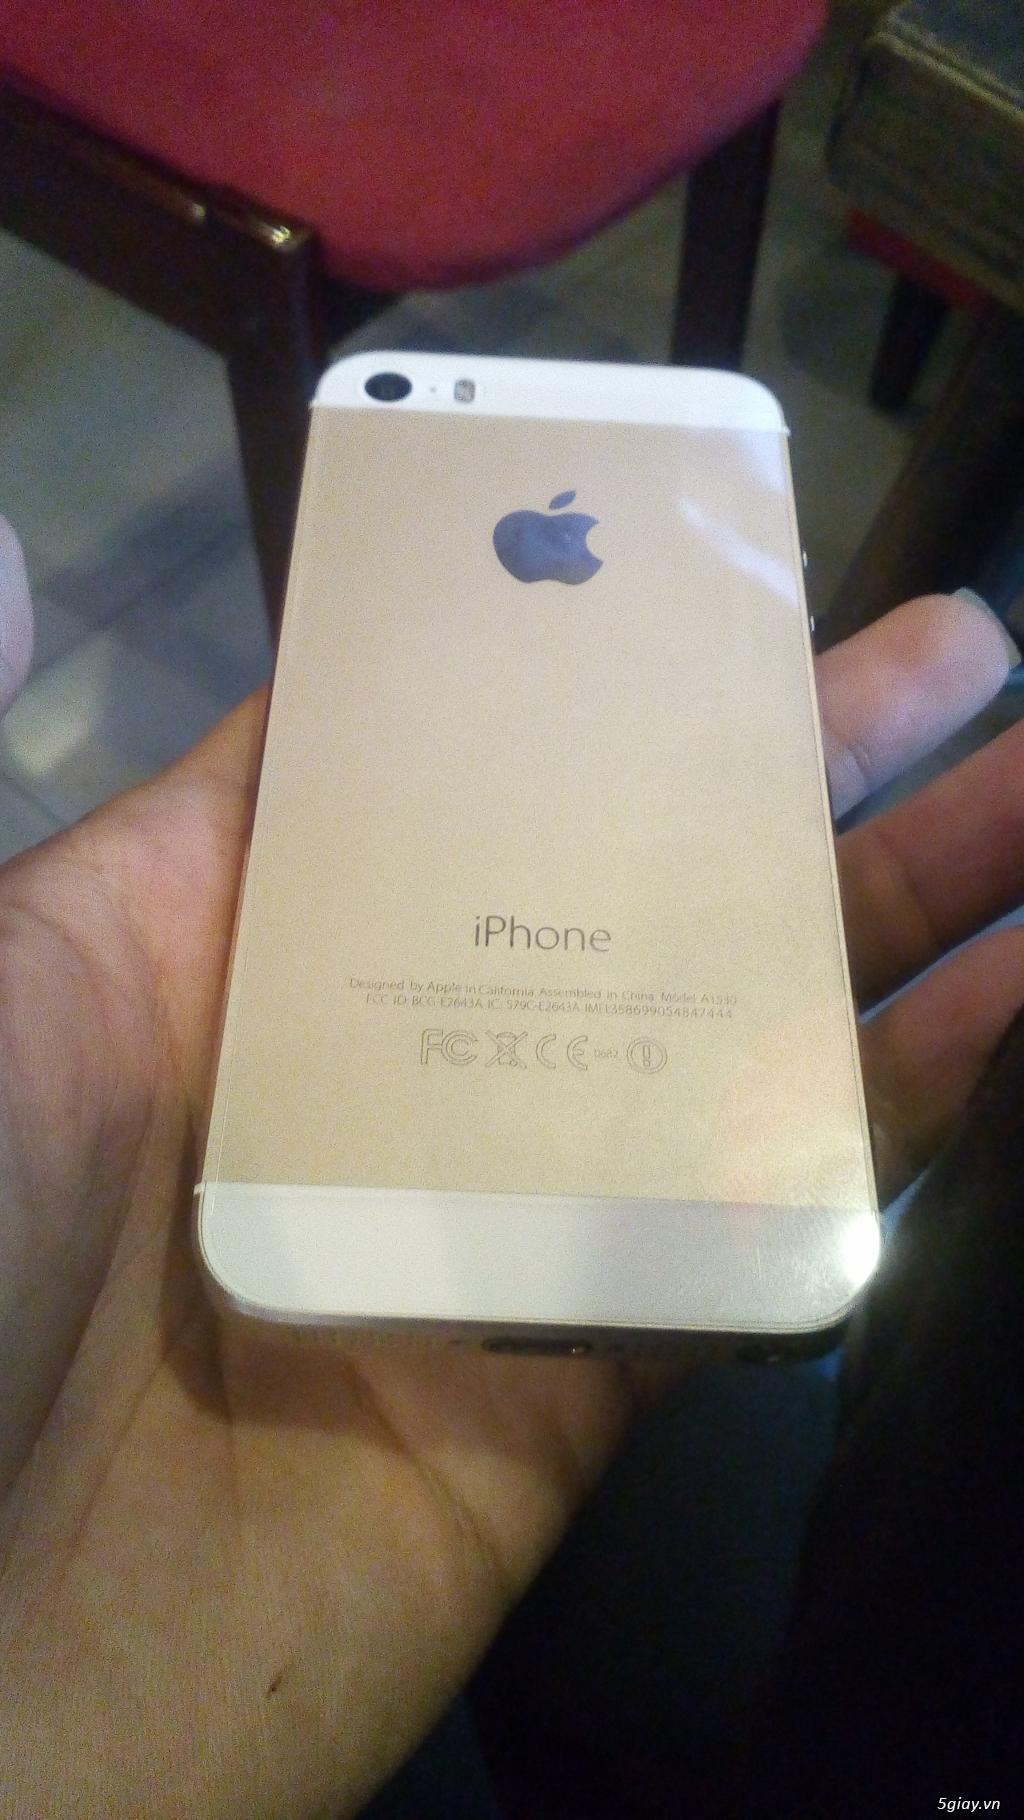 Iphone 5s 16gb qte full chức năng - 1